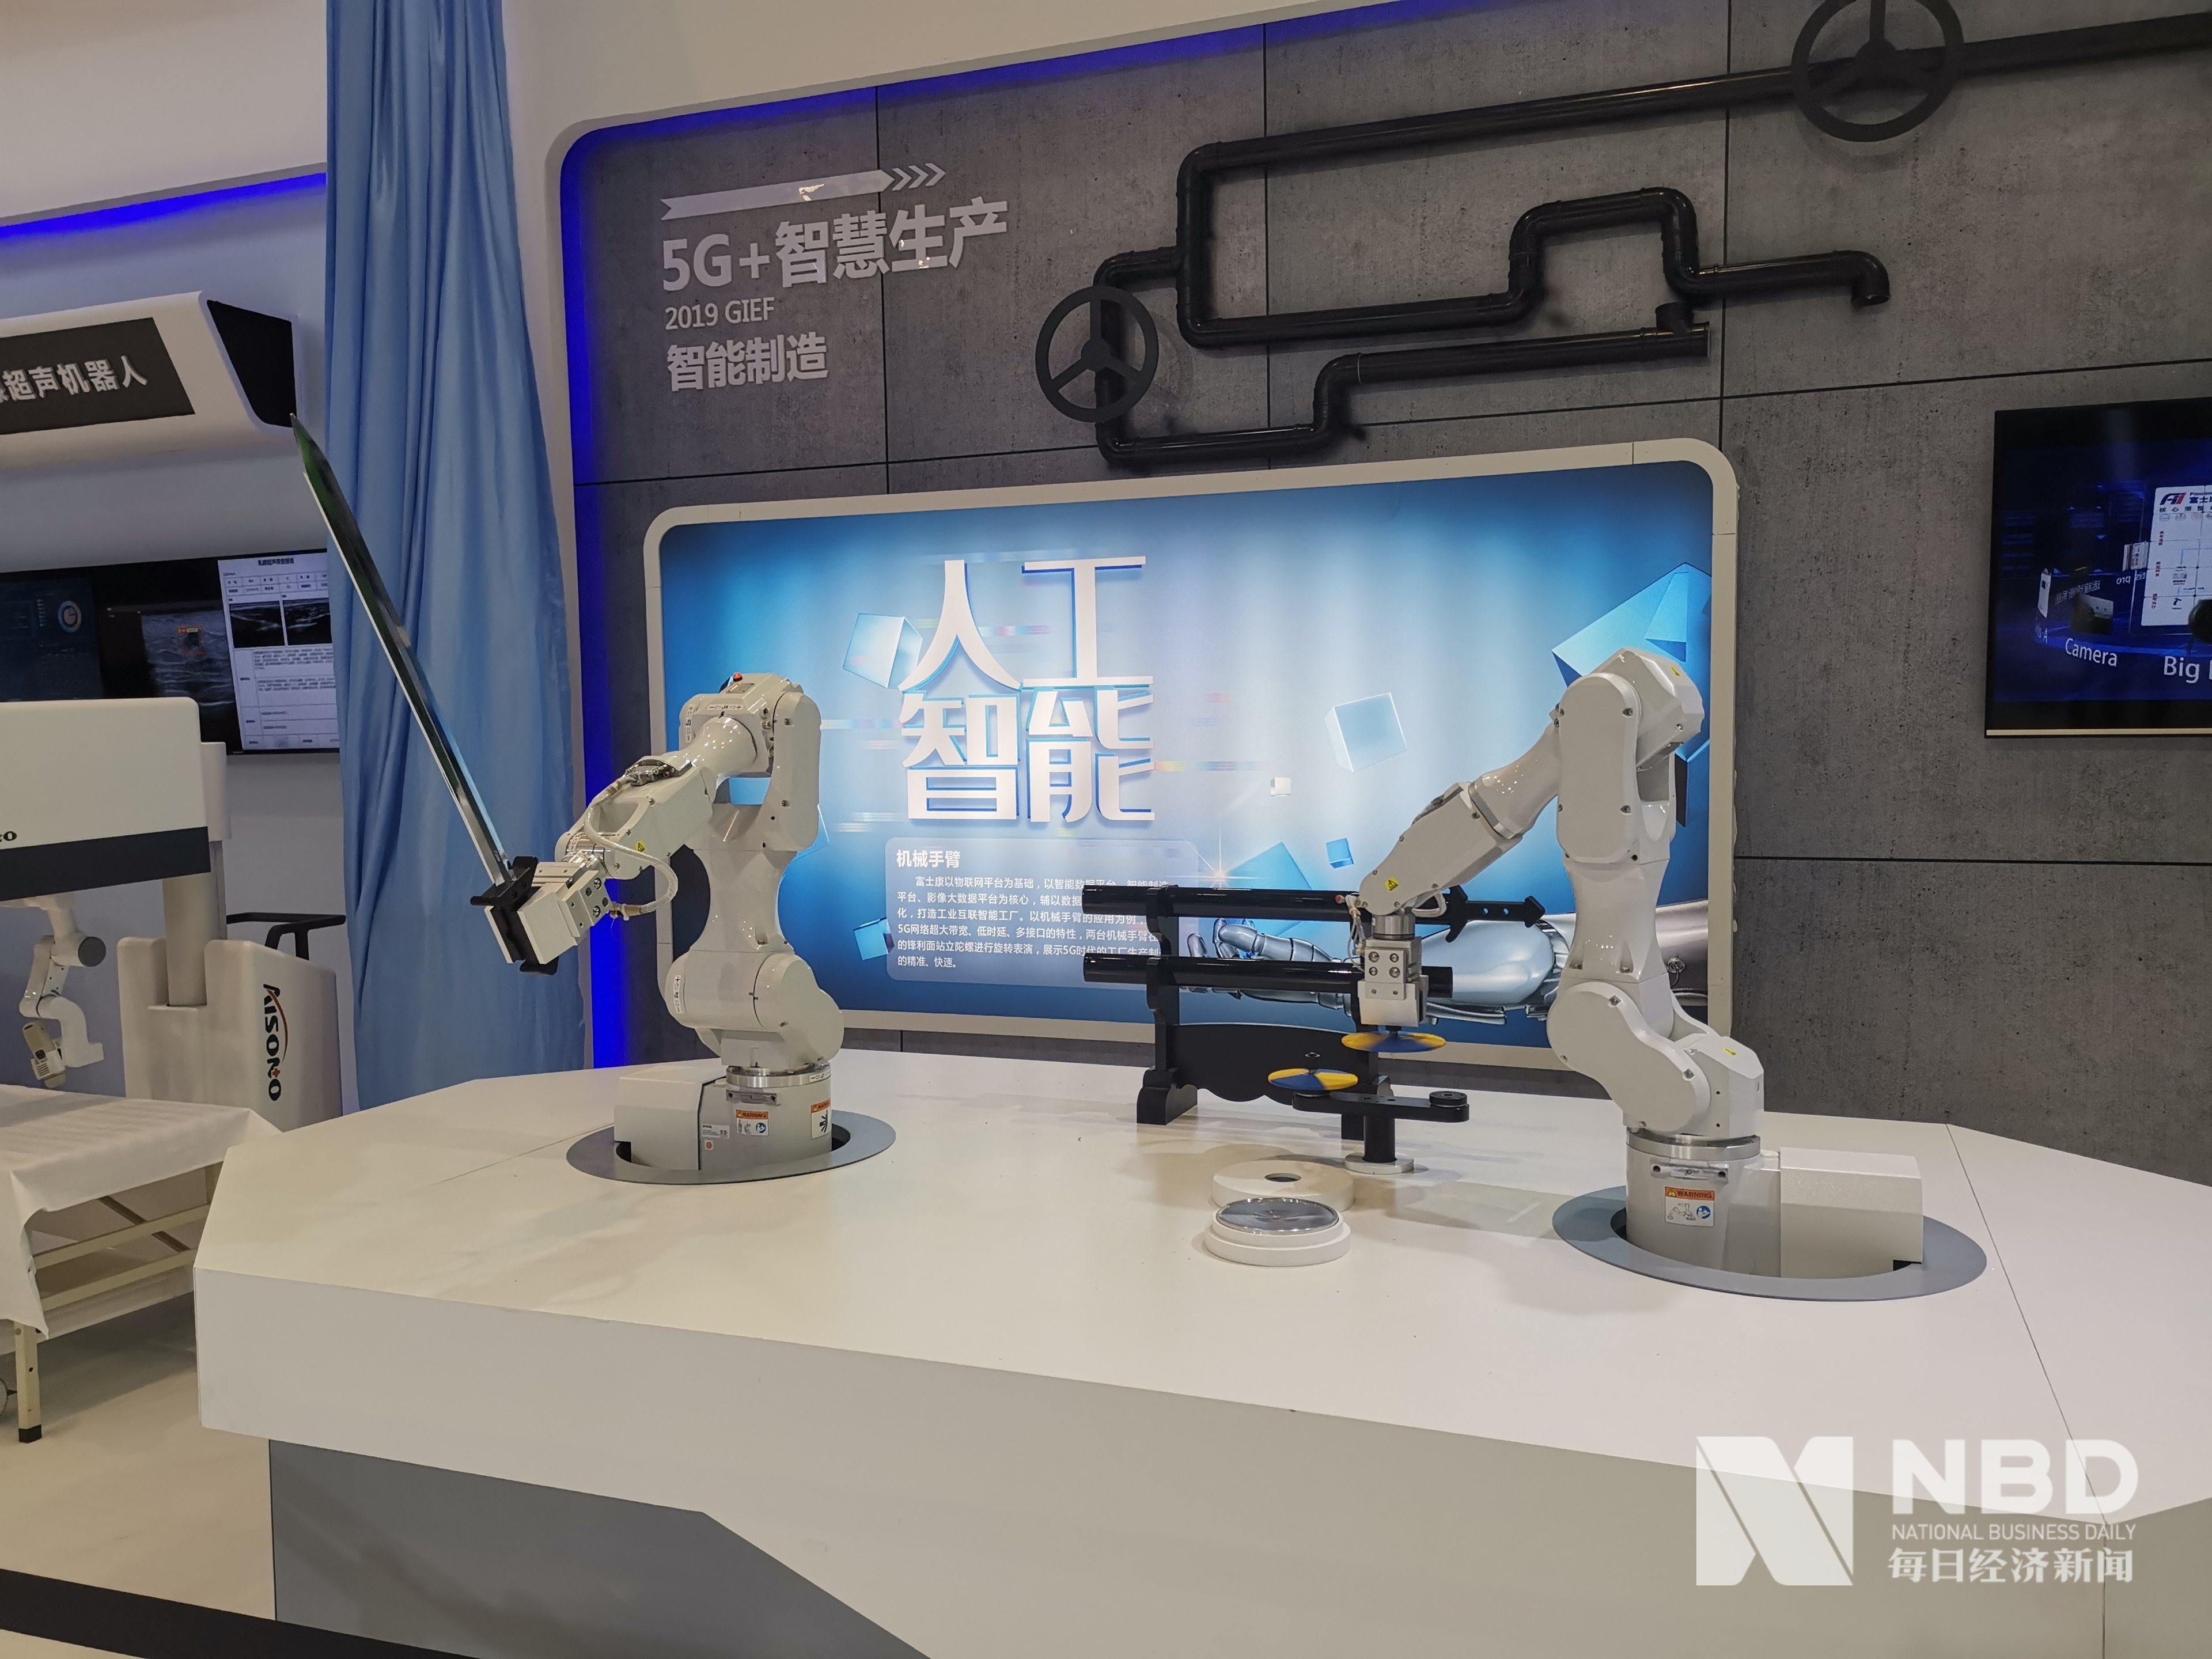 来看成都创交会吸睛大杀器:机器人舞剑,意在5G!